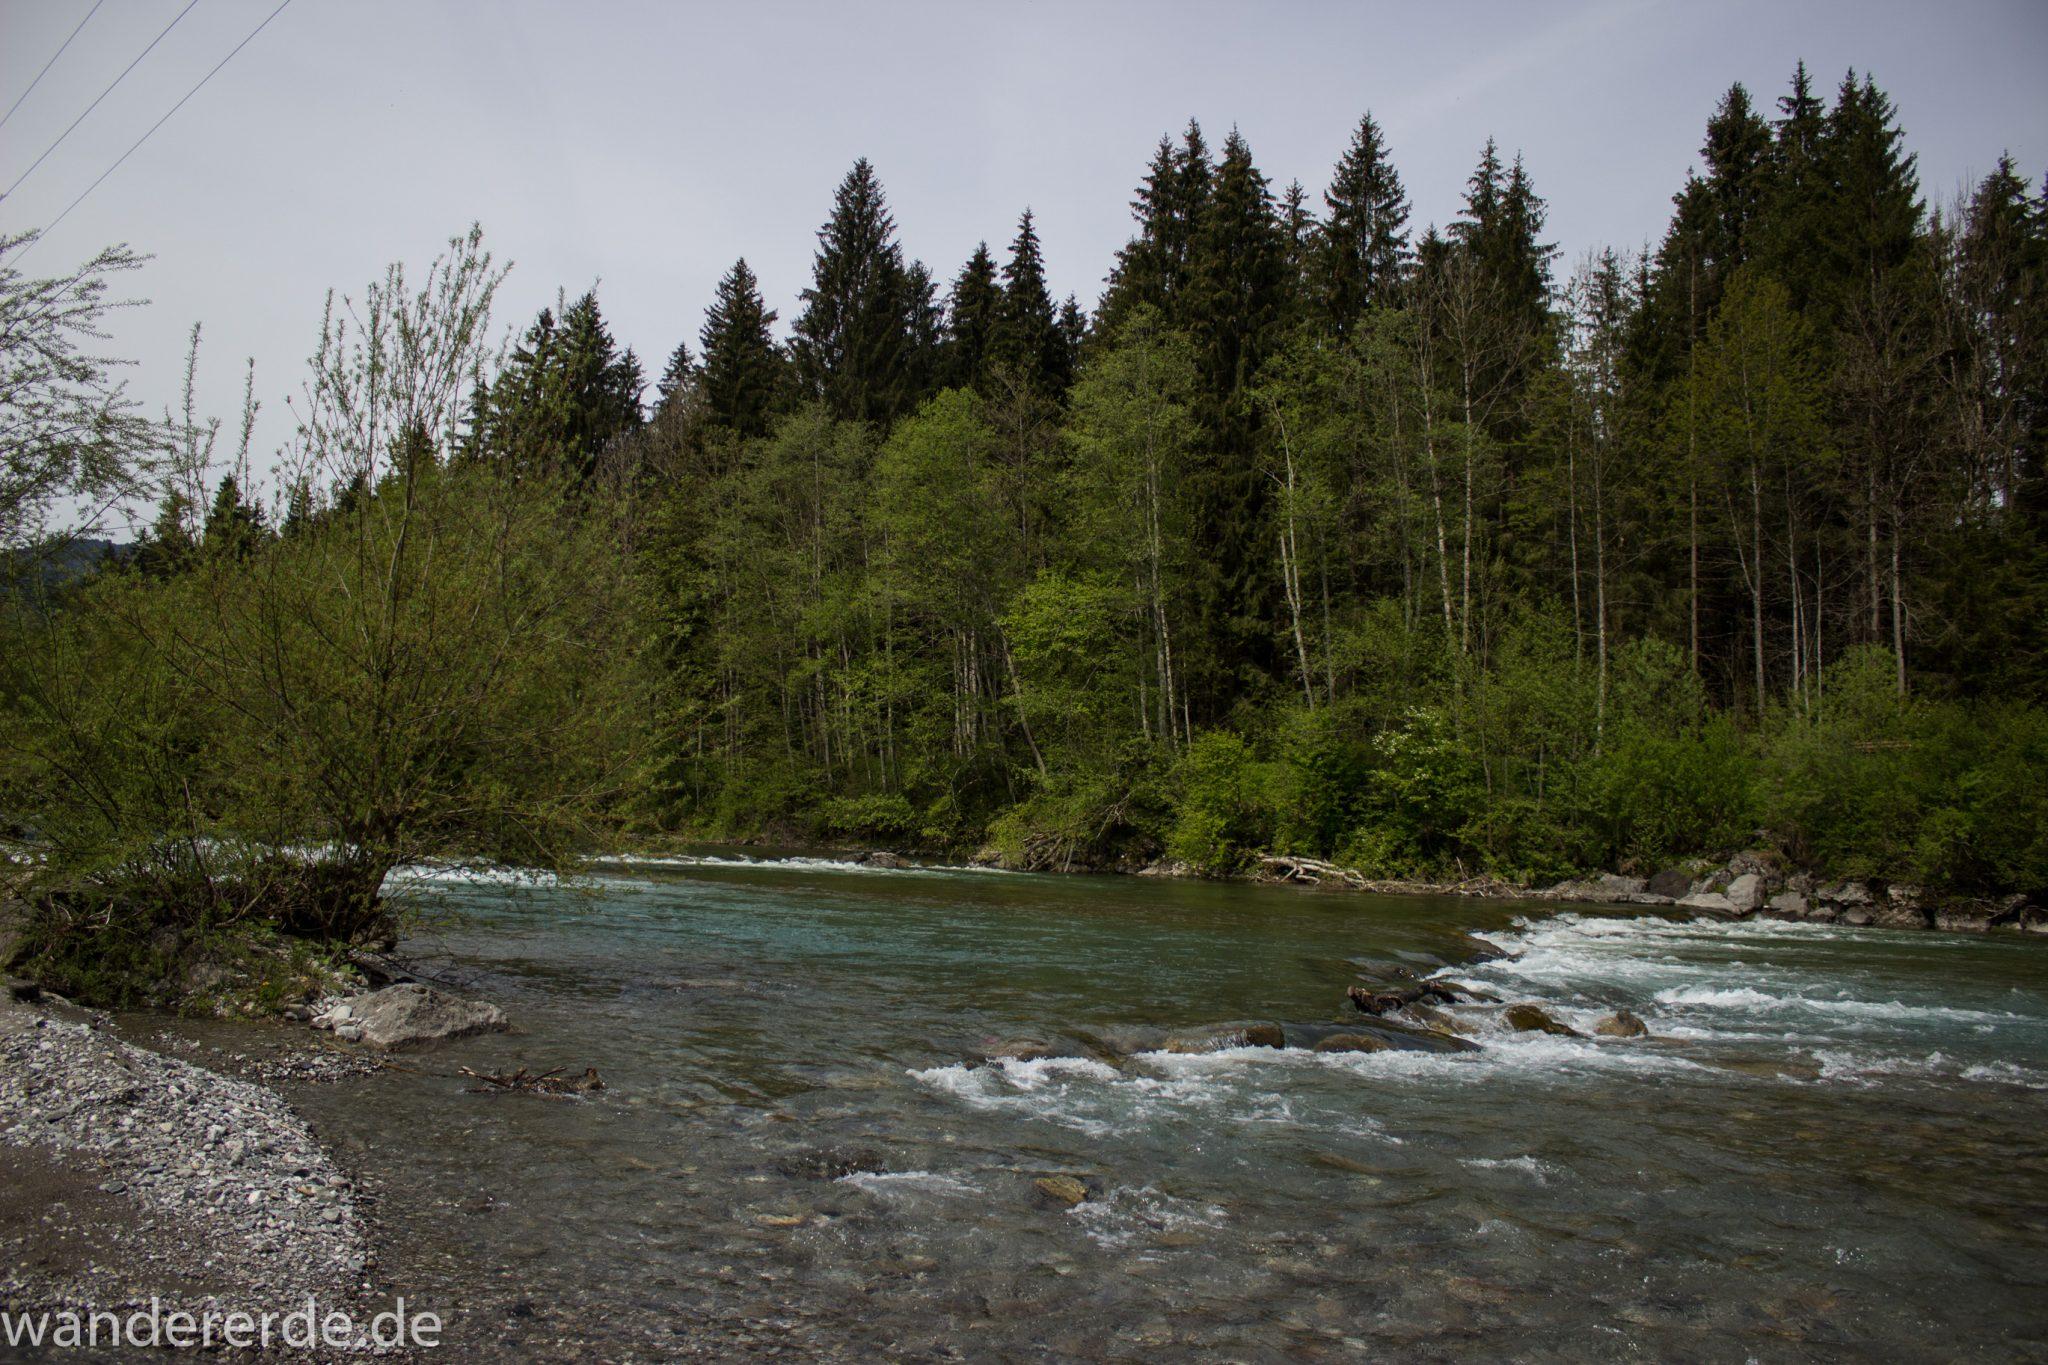 Wanderung Unterer Gaisalpsee, Wanderweg führt entlang am Fluss Iller, umgeben von schönem dichten Laubwald, Abschnitt von Fischen im Allgäu nach Oberstdorf